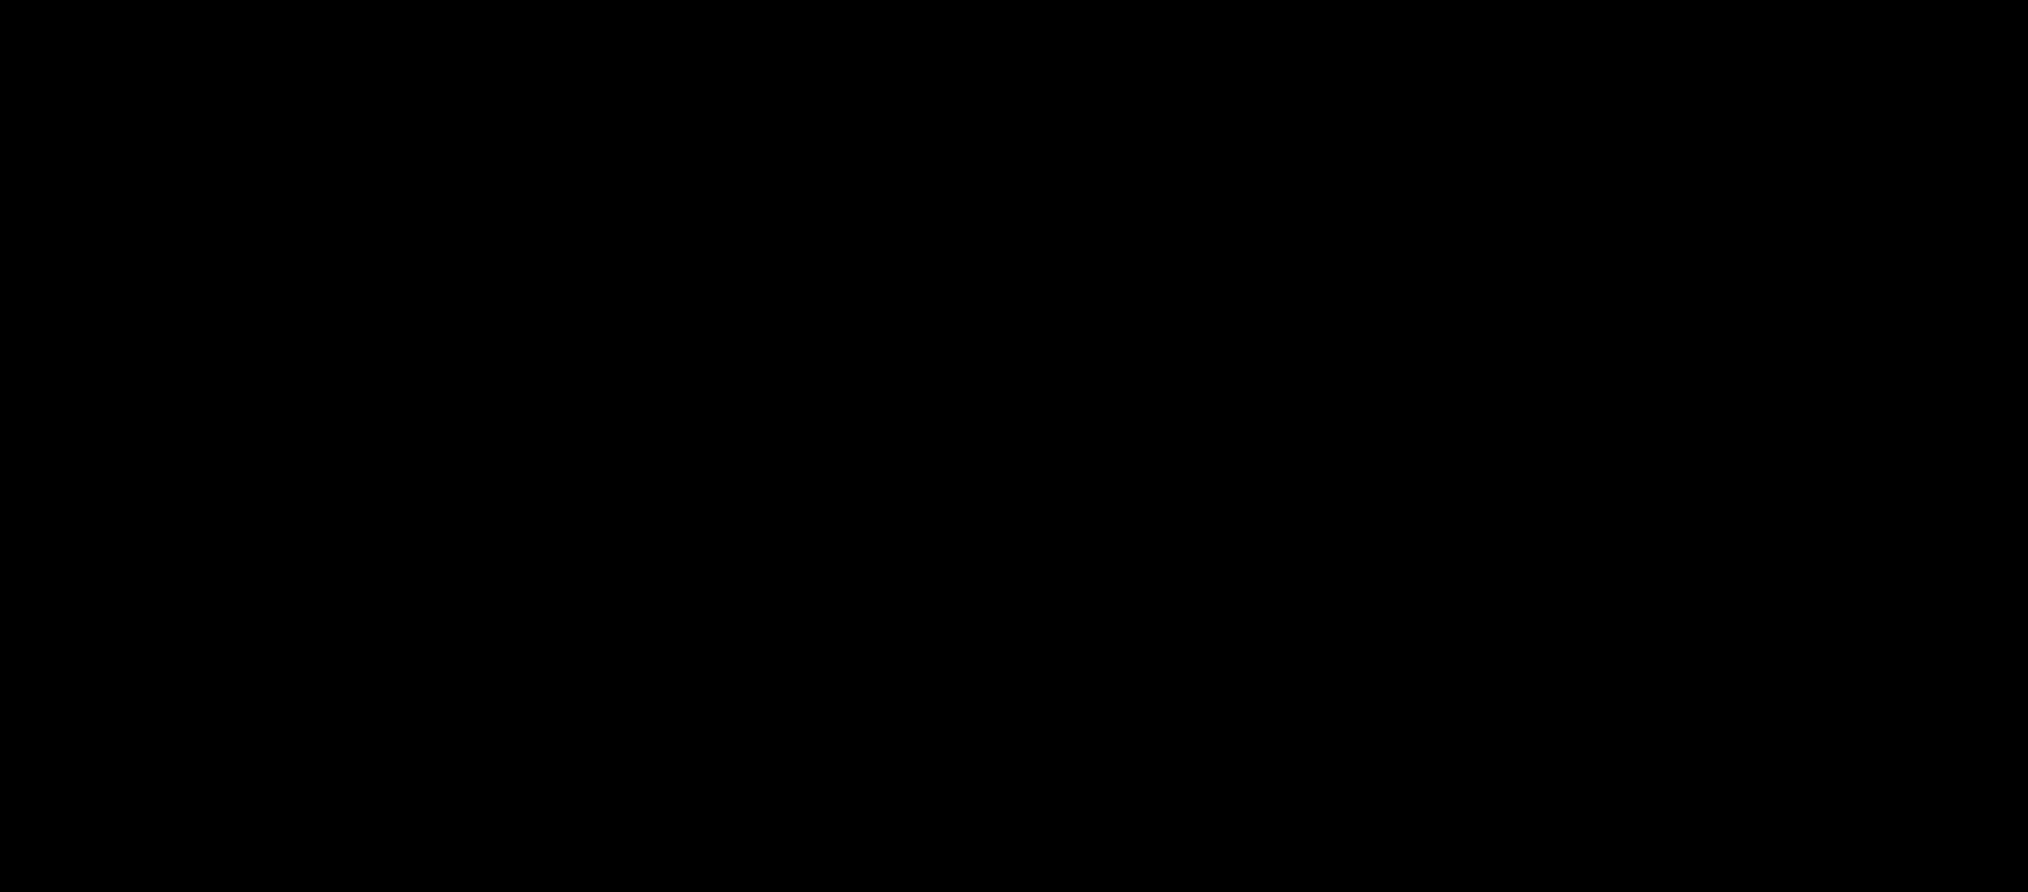 N-Biotinyl (L)-norepinephrine